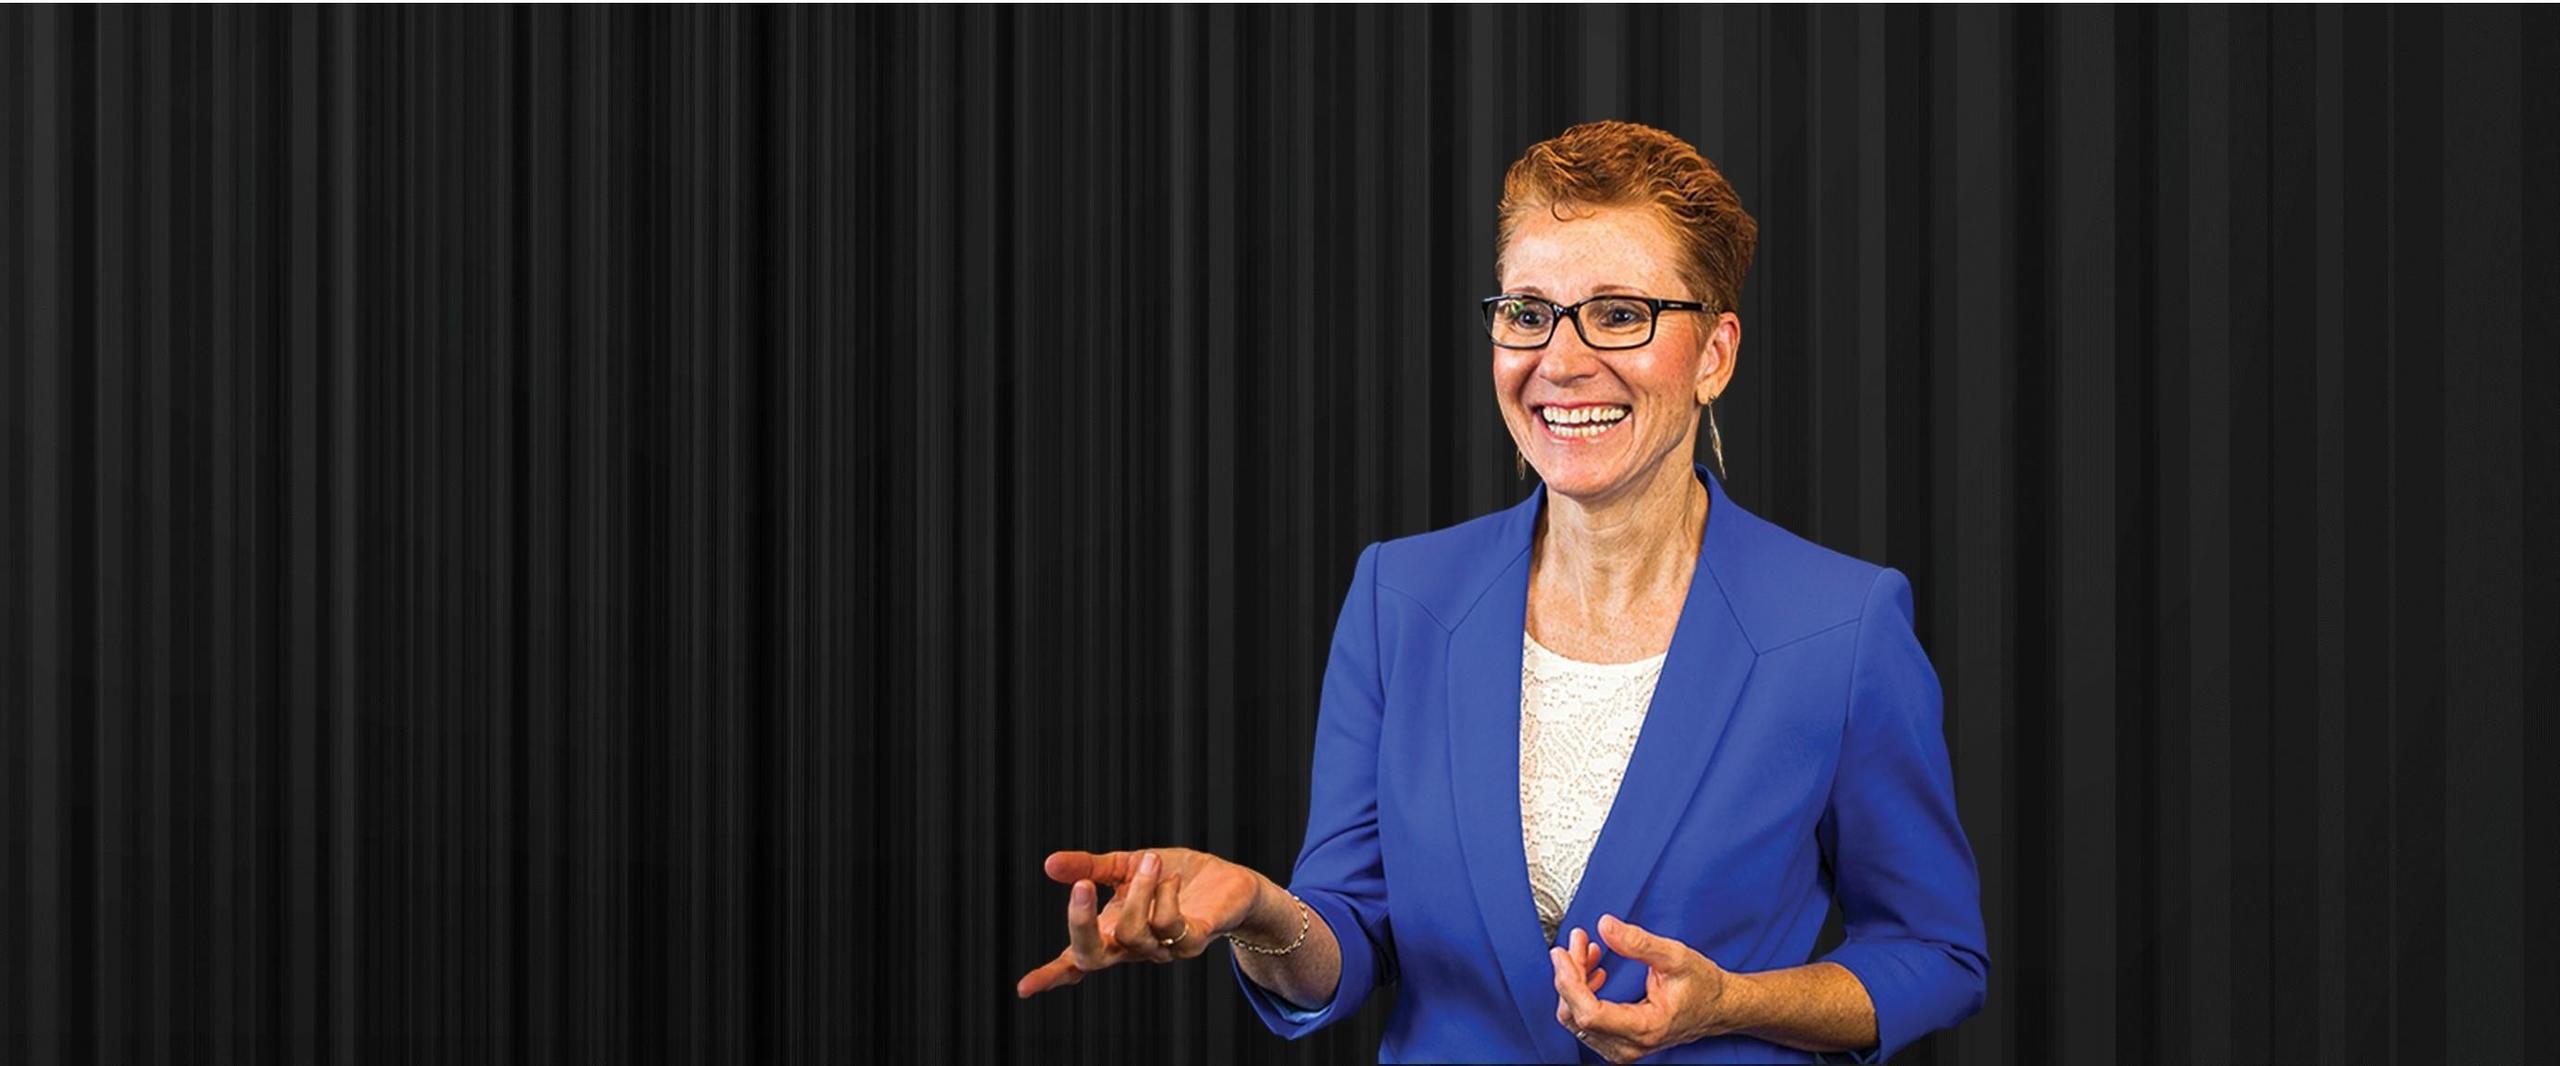 Dr Jo professional speaker speaking